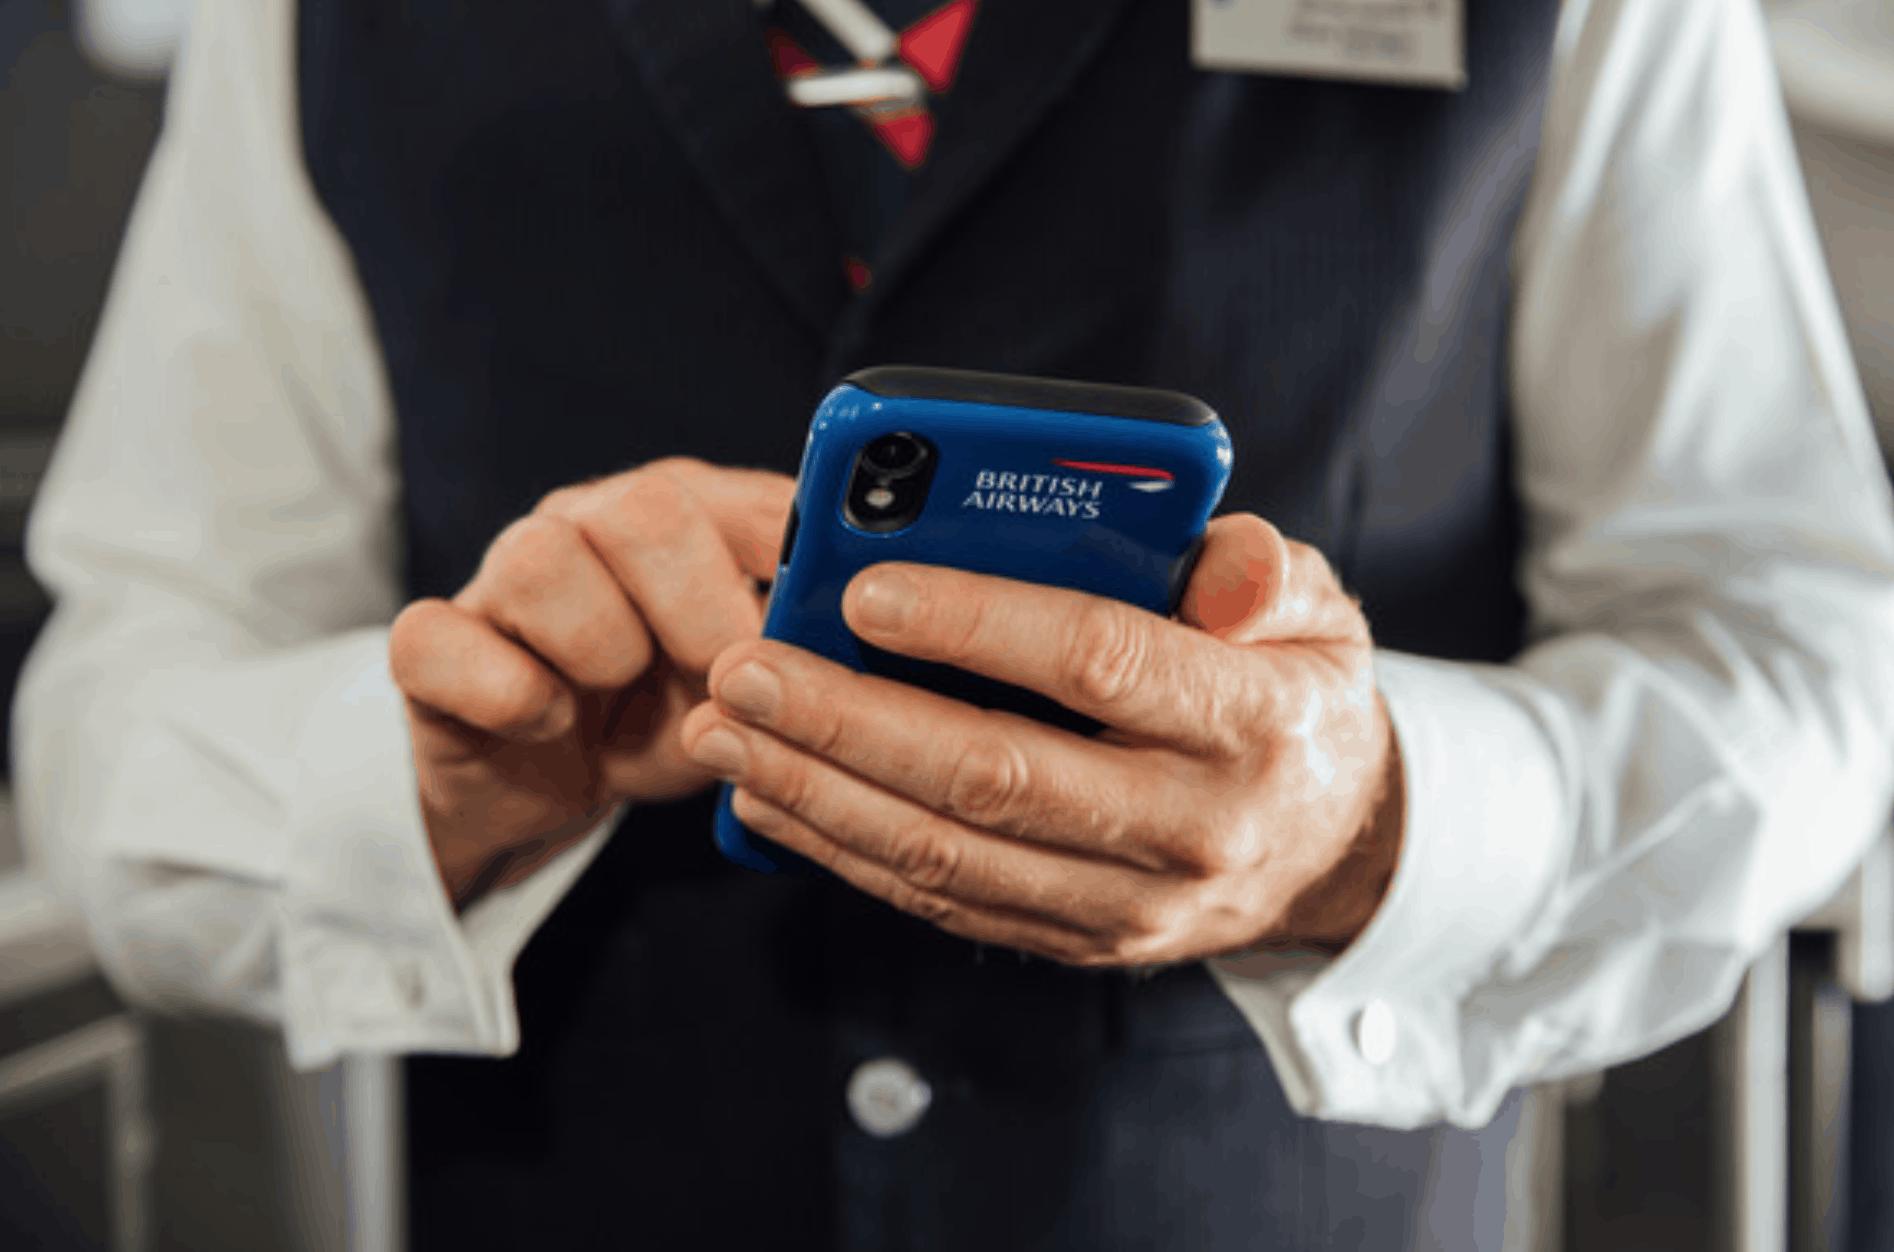 iPhone XR with British Airways